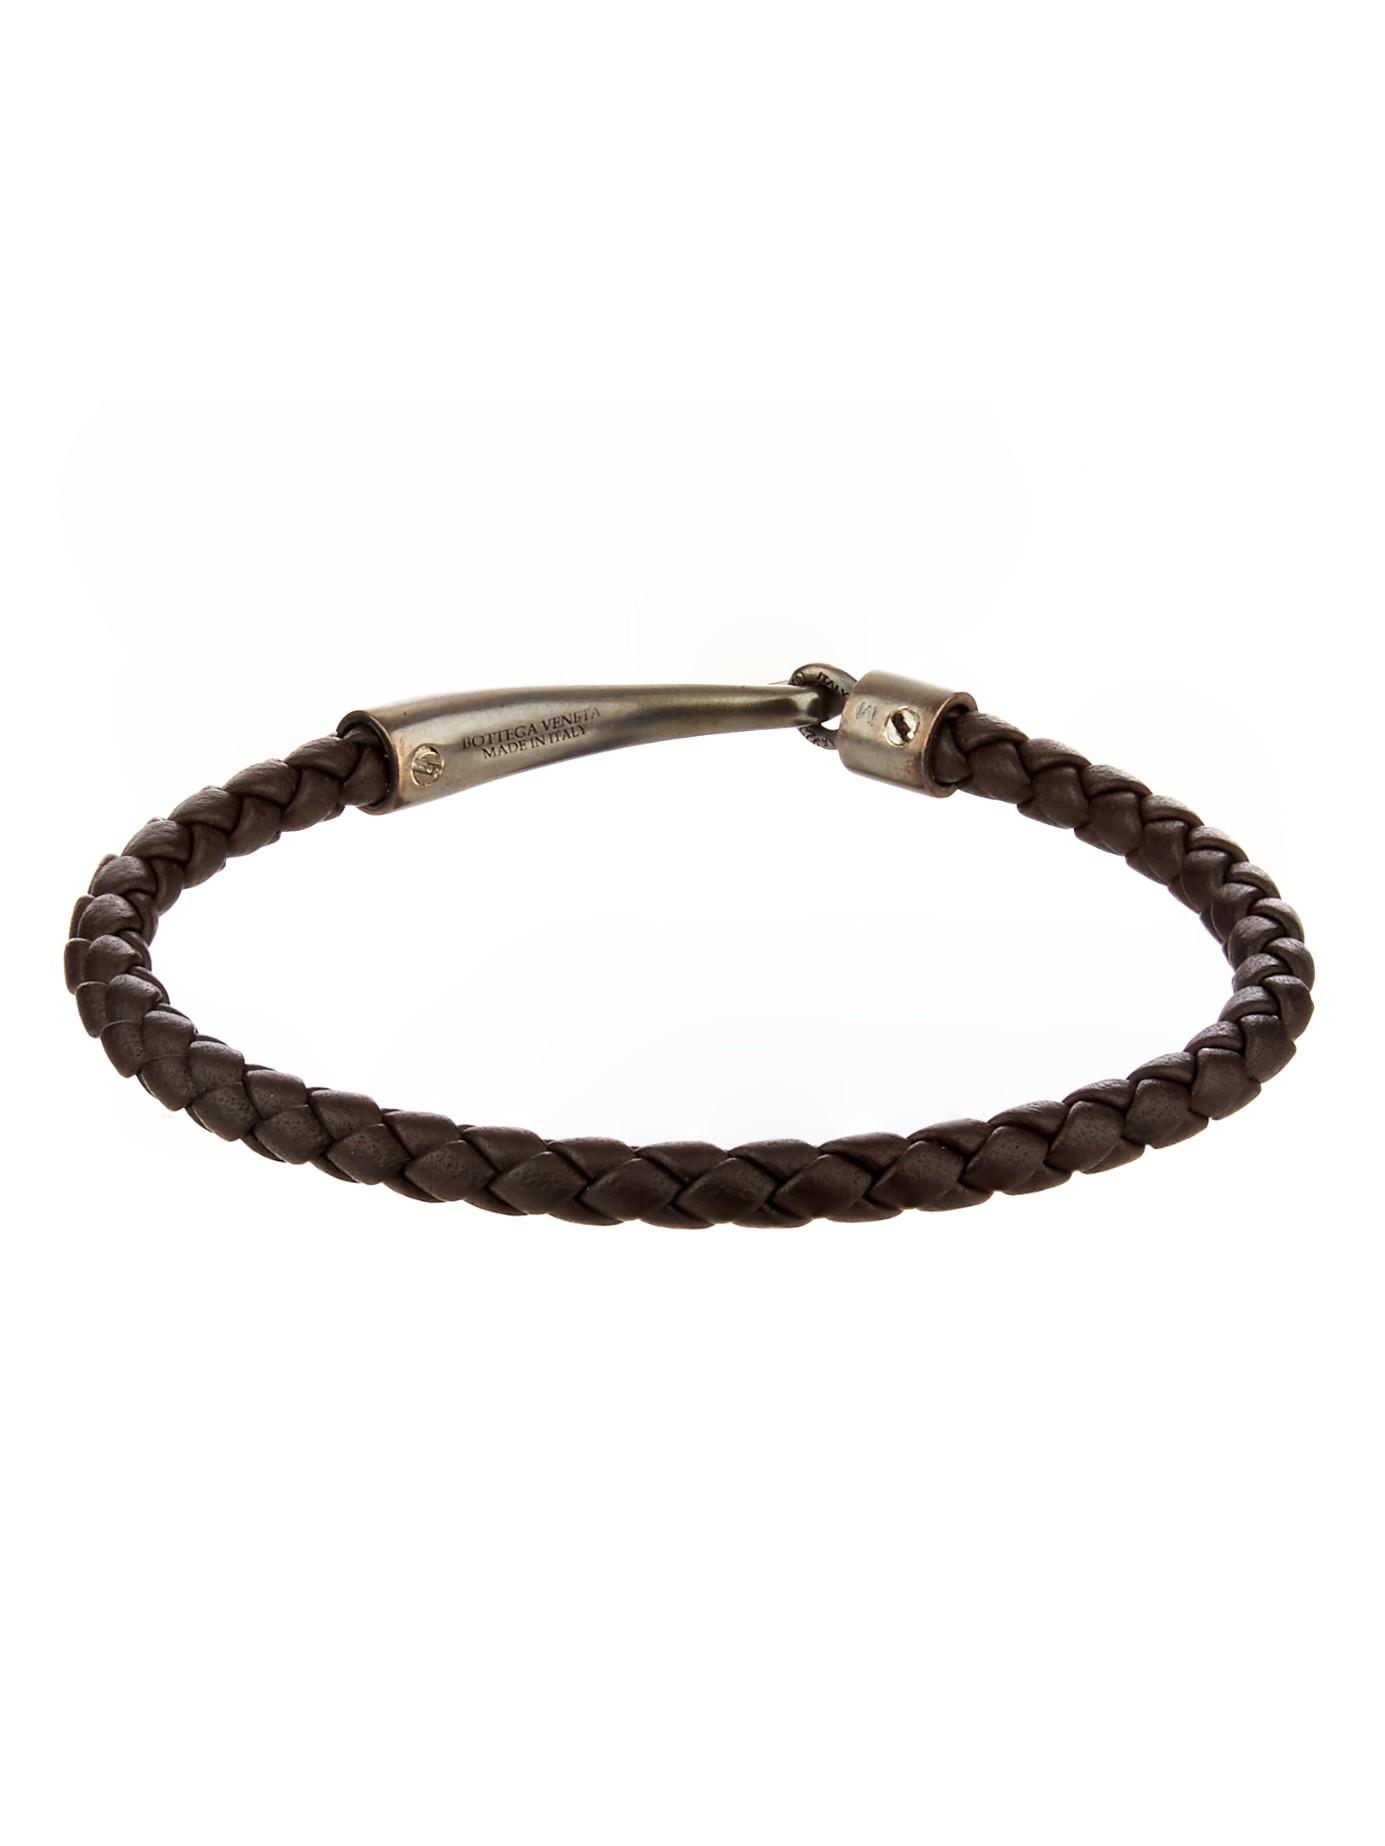 Lyst Bottega Veneta Intrecciato Leather Bracelet In